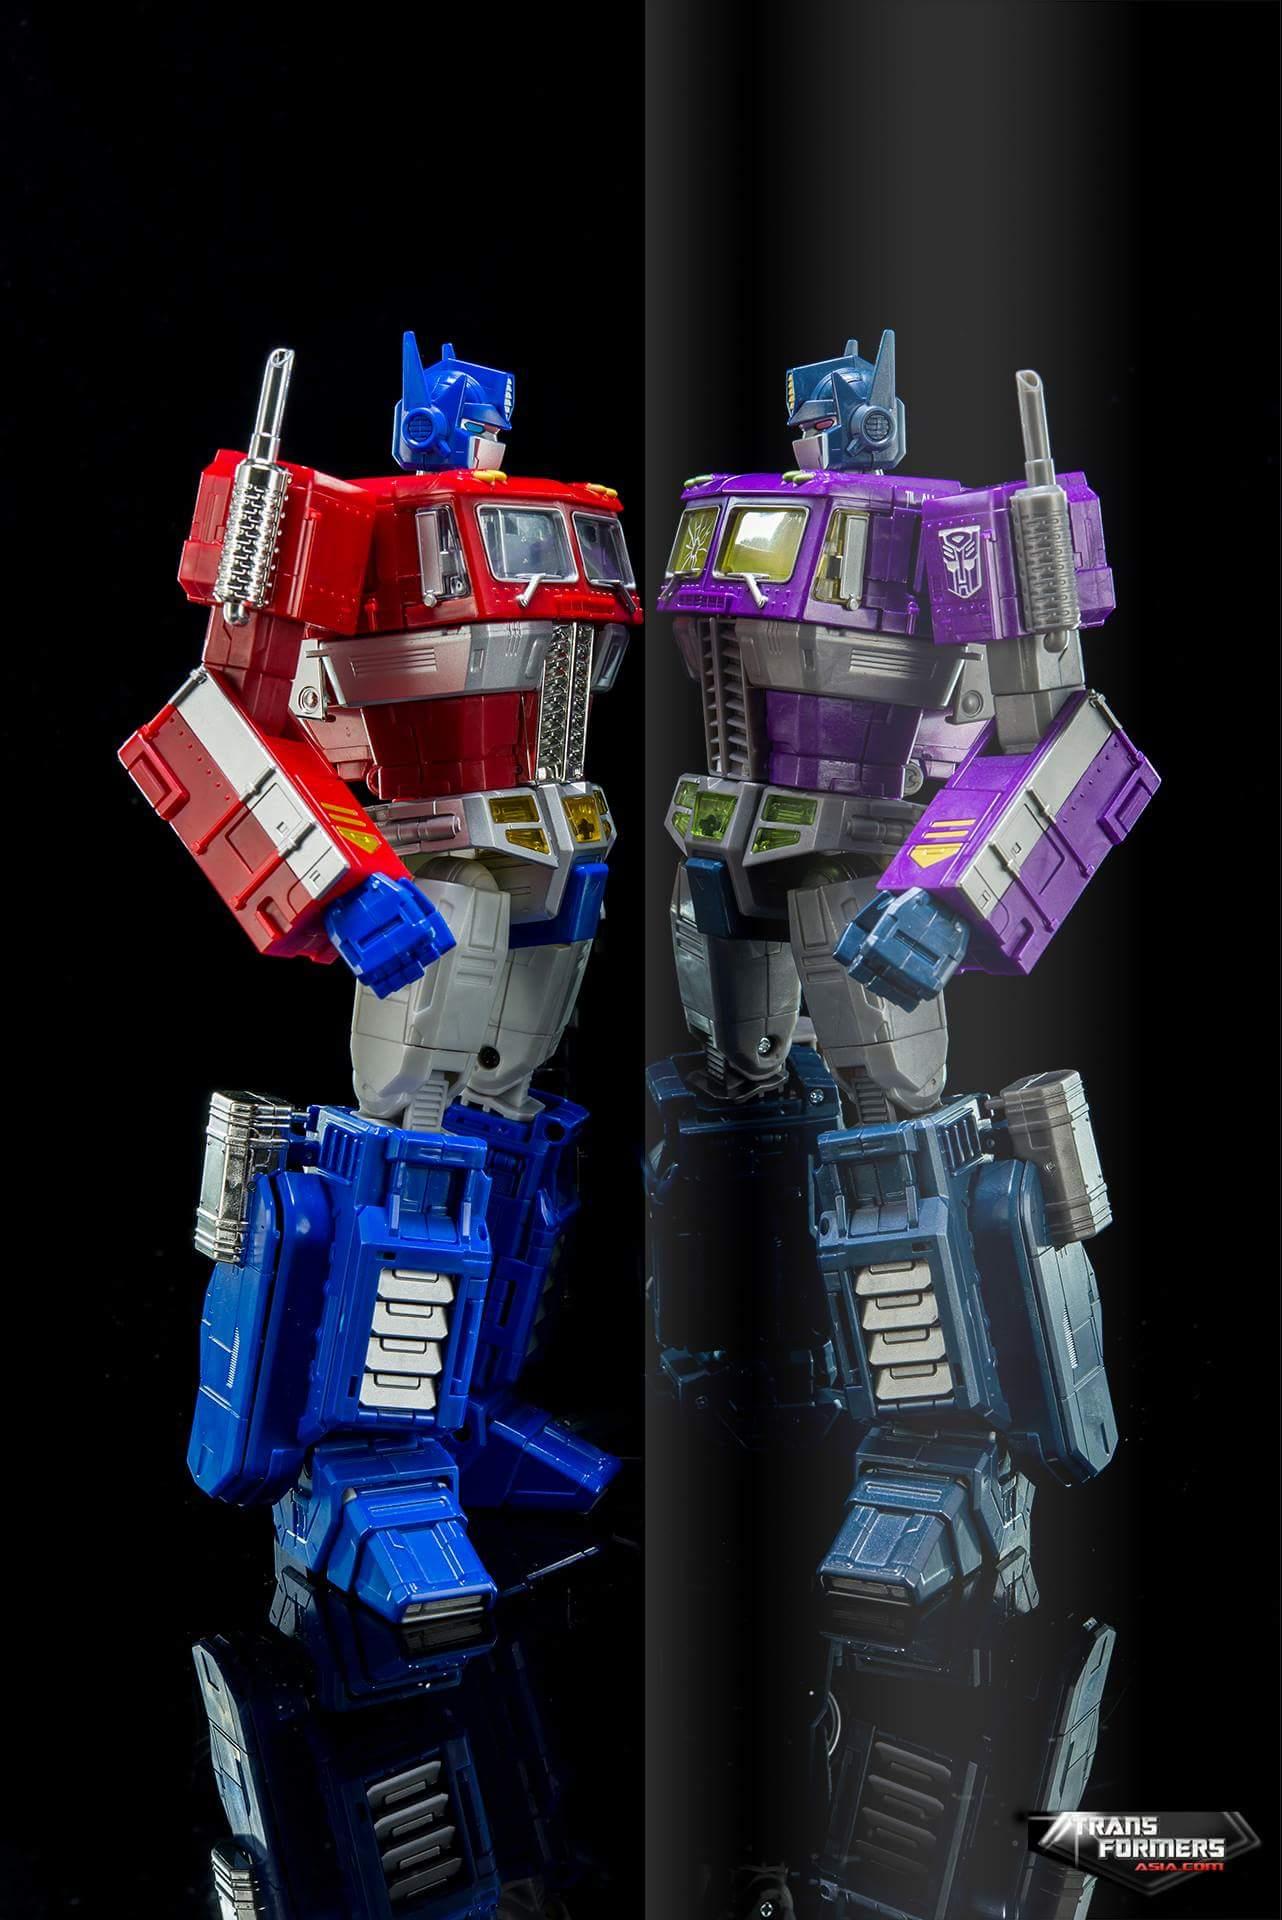 [Masterpiece] MP-10B | MP-10A | MP-10R | MP-10SG | MP-10K | MP-711 | MP-10G | MP-10 ASL ― Convoy (Optimus Prime/Optimus Primus) - Page 4 WFadQkco